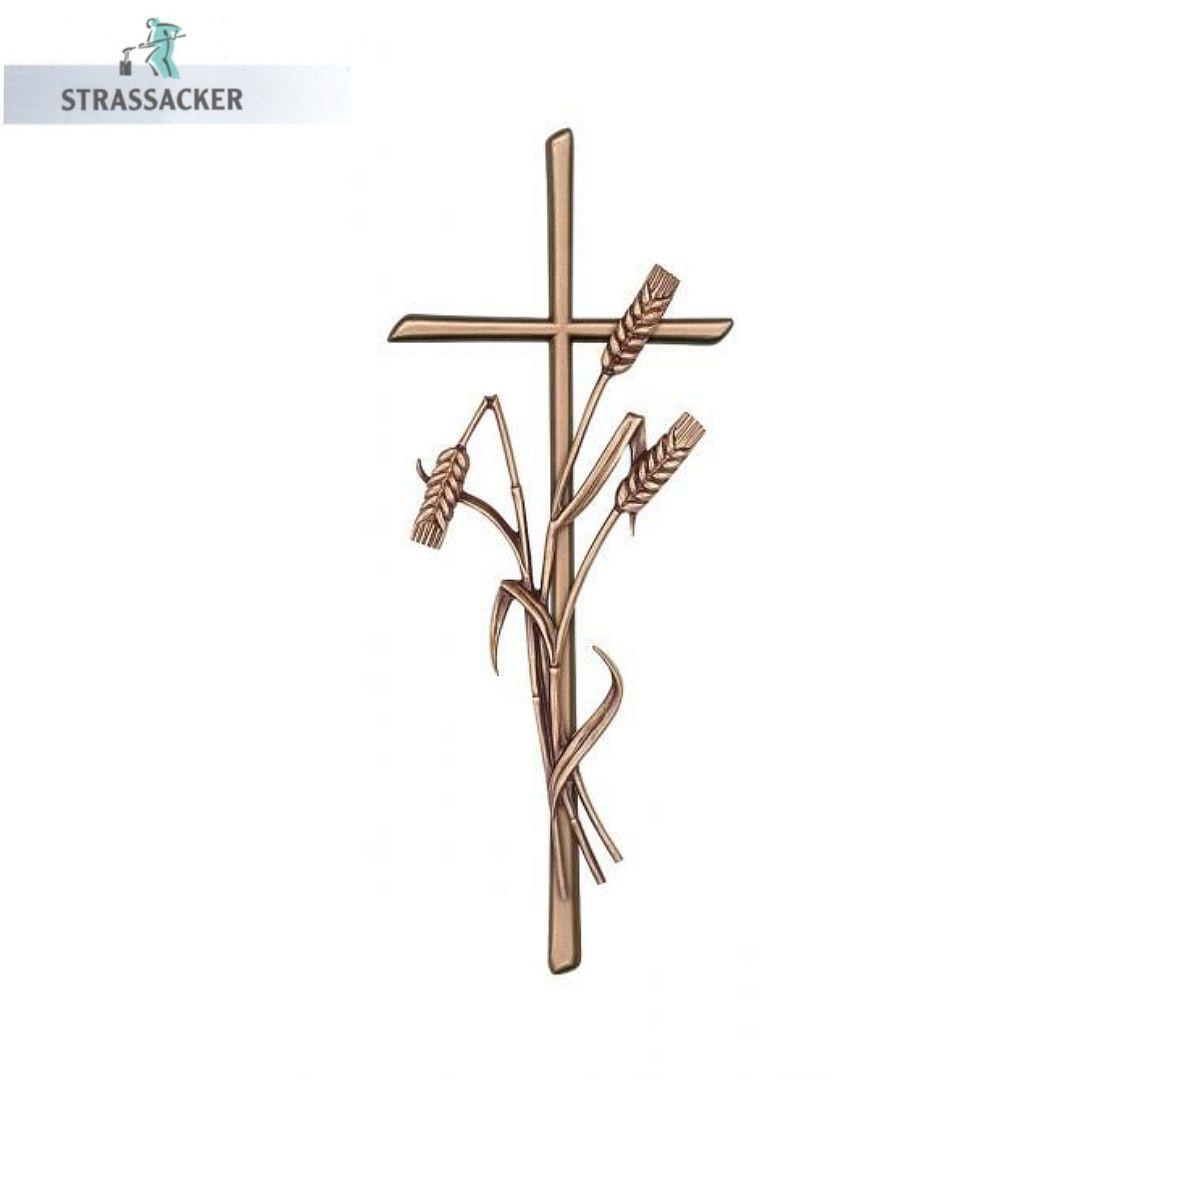 Grabsteinkreuz Mit Kornähren Scriptura Aus Bronze, Aluminium Oder